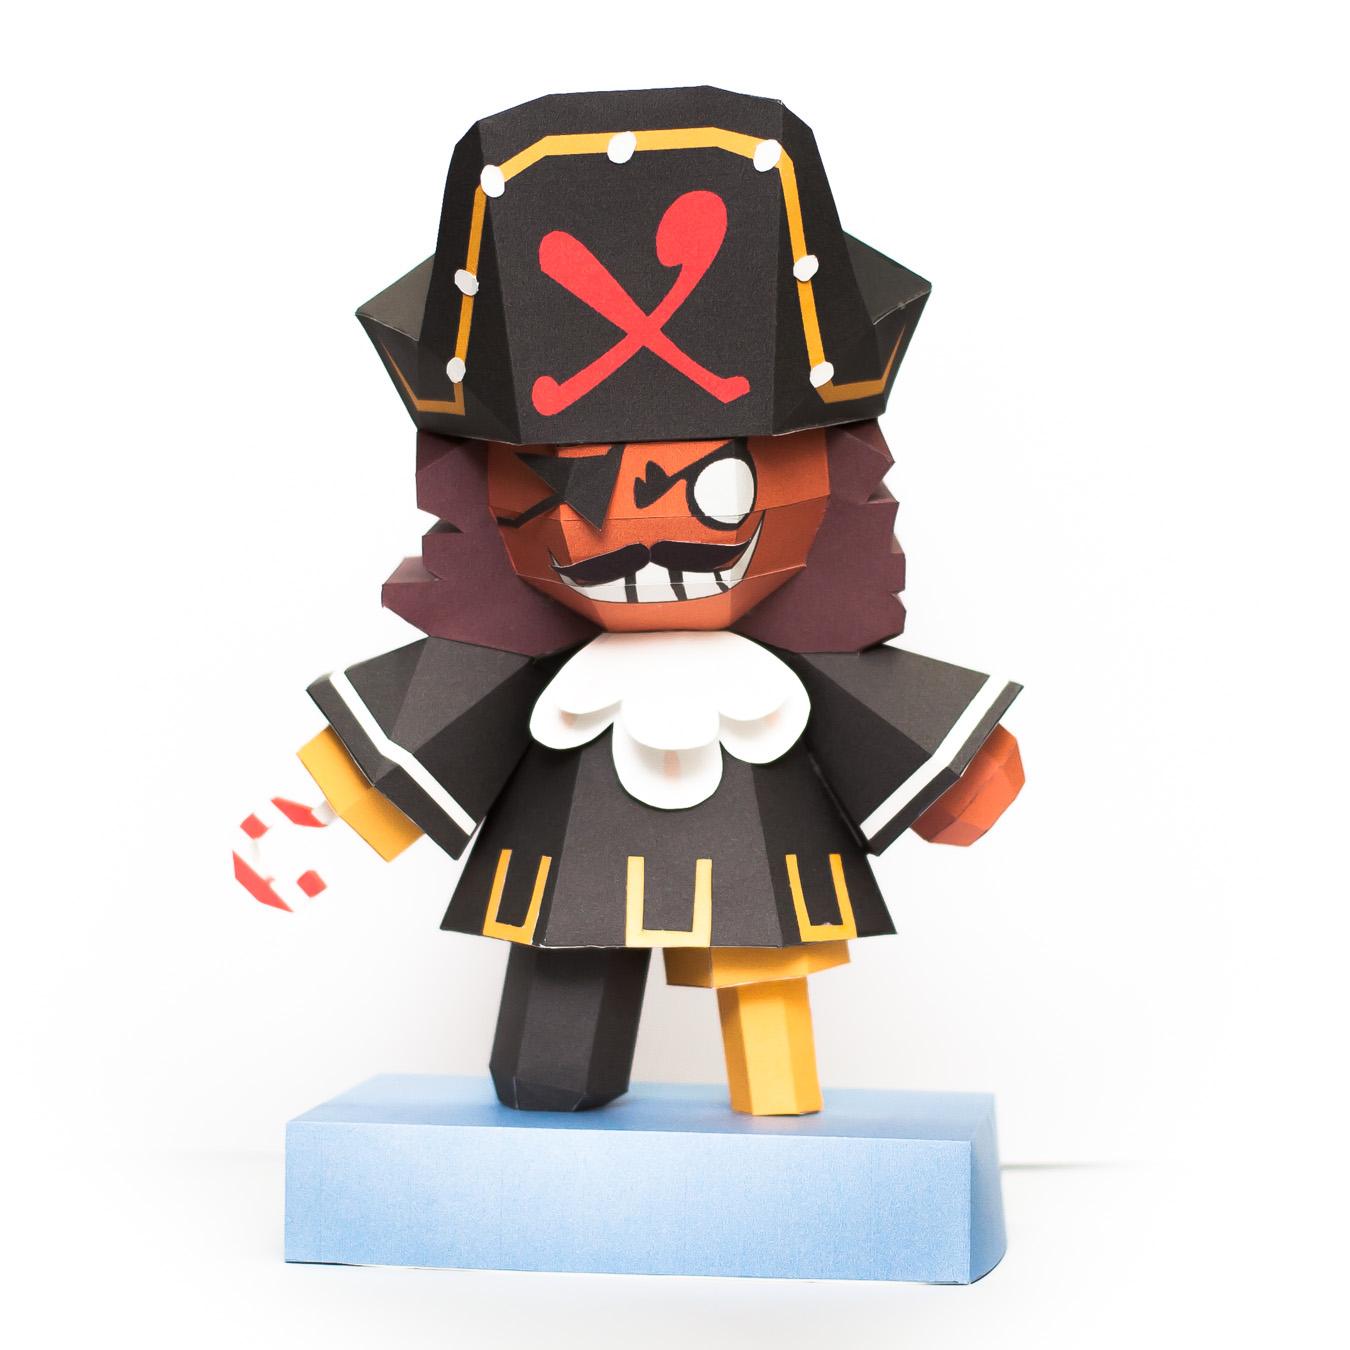 วิธีทำโมเดลกระดาษคุกกี้รัน คุกกี้รสโจรสลัด (Cookie Run Pirate Cookie Papercraft Model) 010